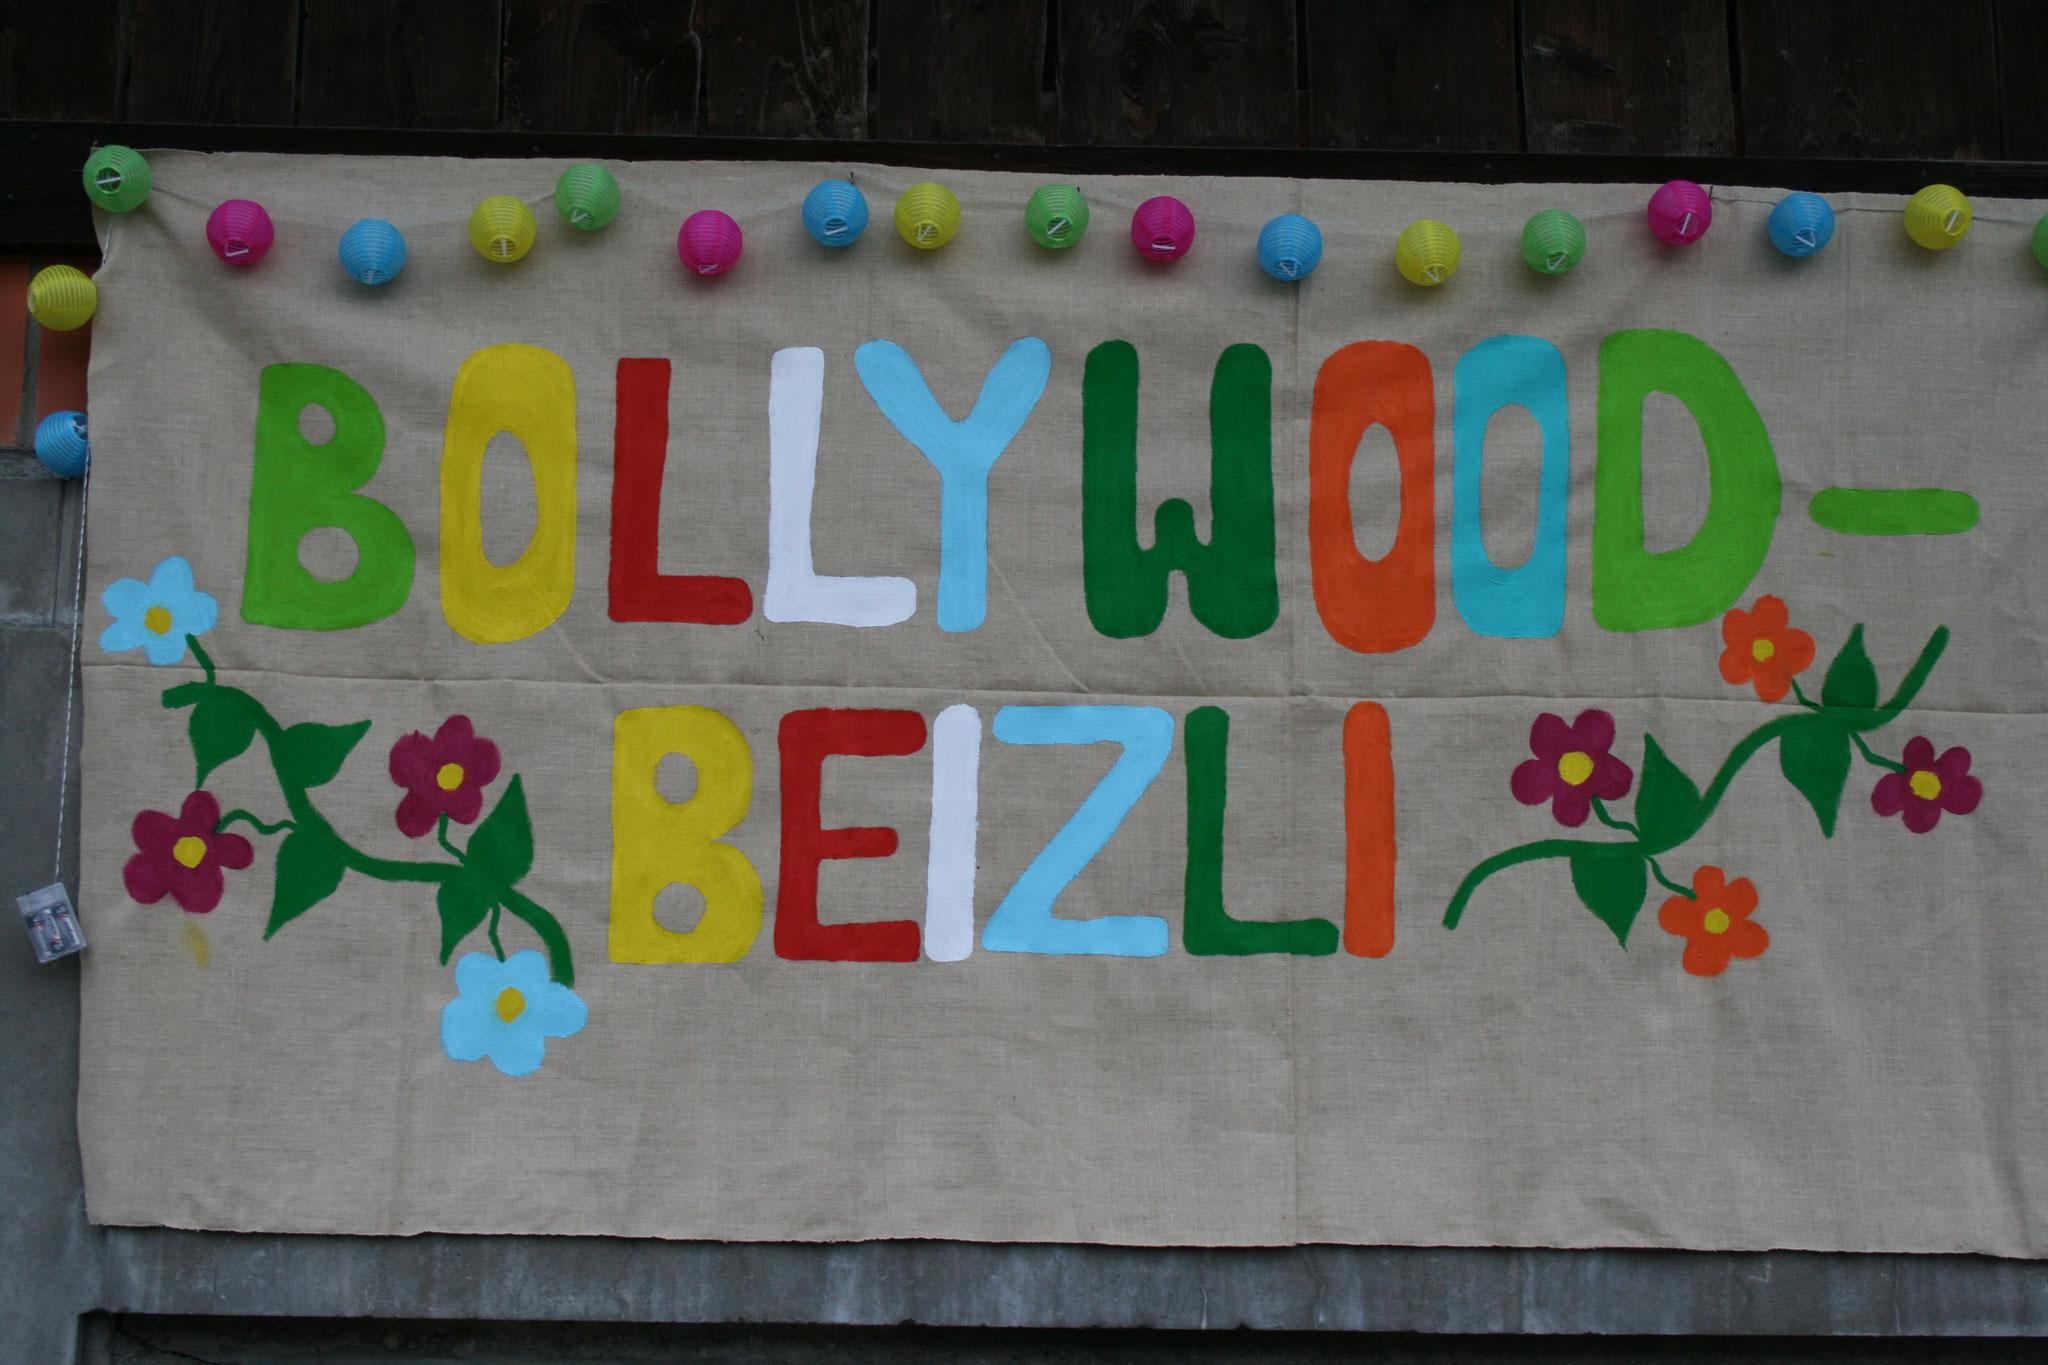 25 Bollywood-Beizli: Indische Küche (Streedfood selbstgemacht)